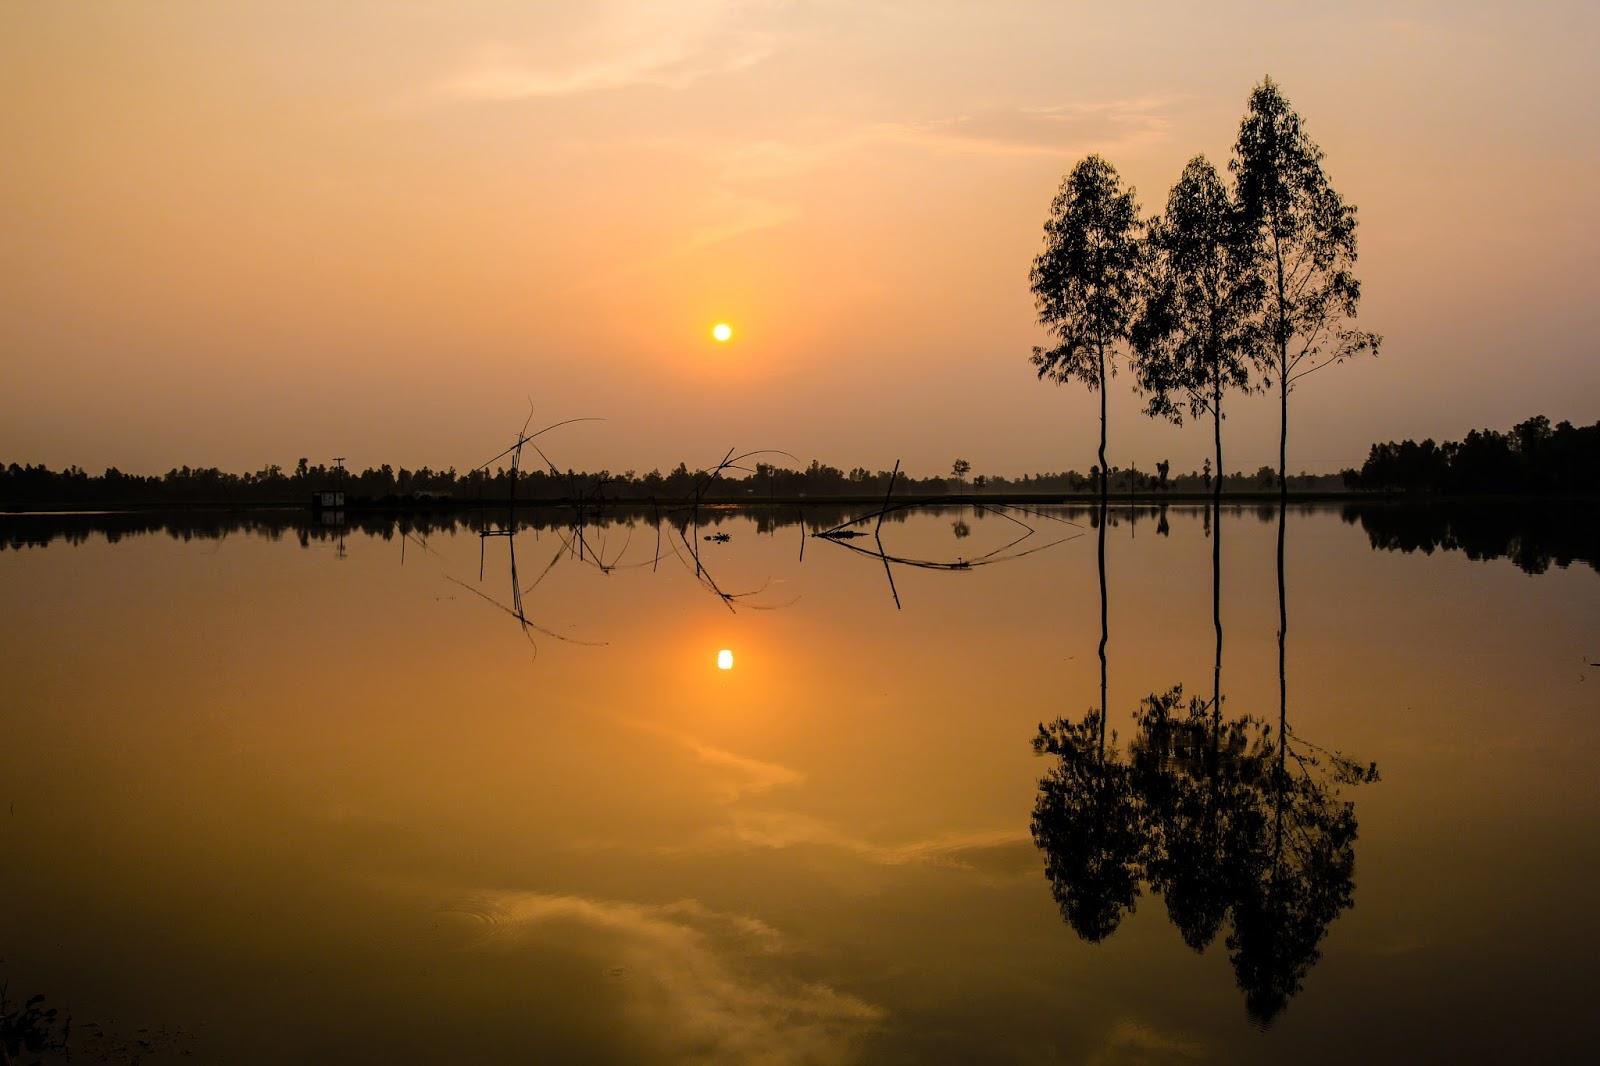 بالصور صور مناظر جميلة , اجمل الطبيعيه حول العالم 6005 10